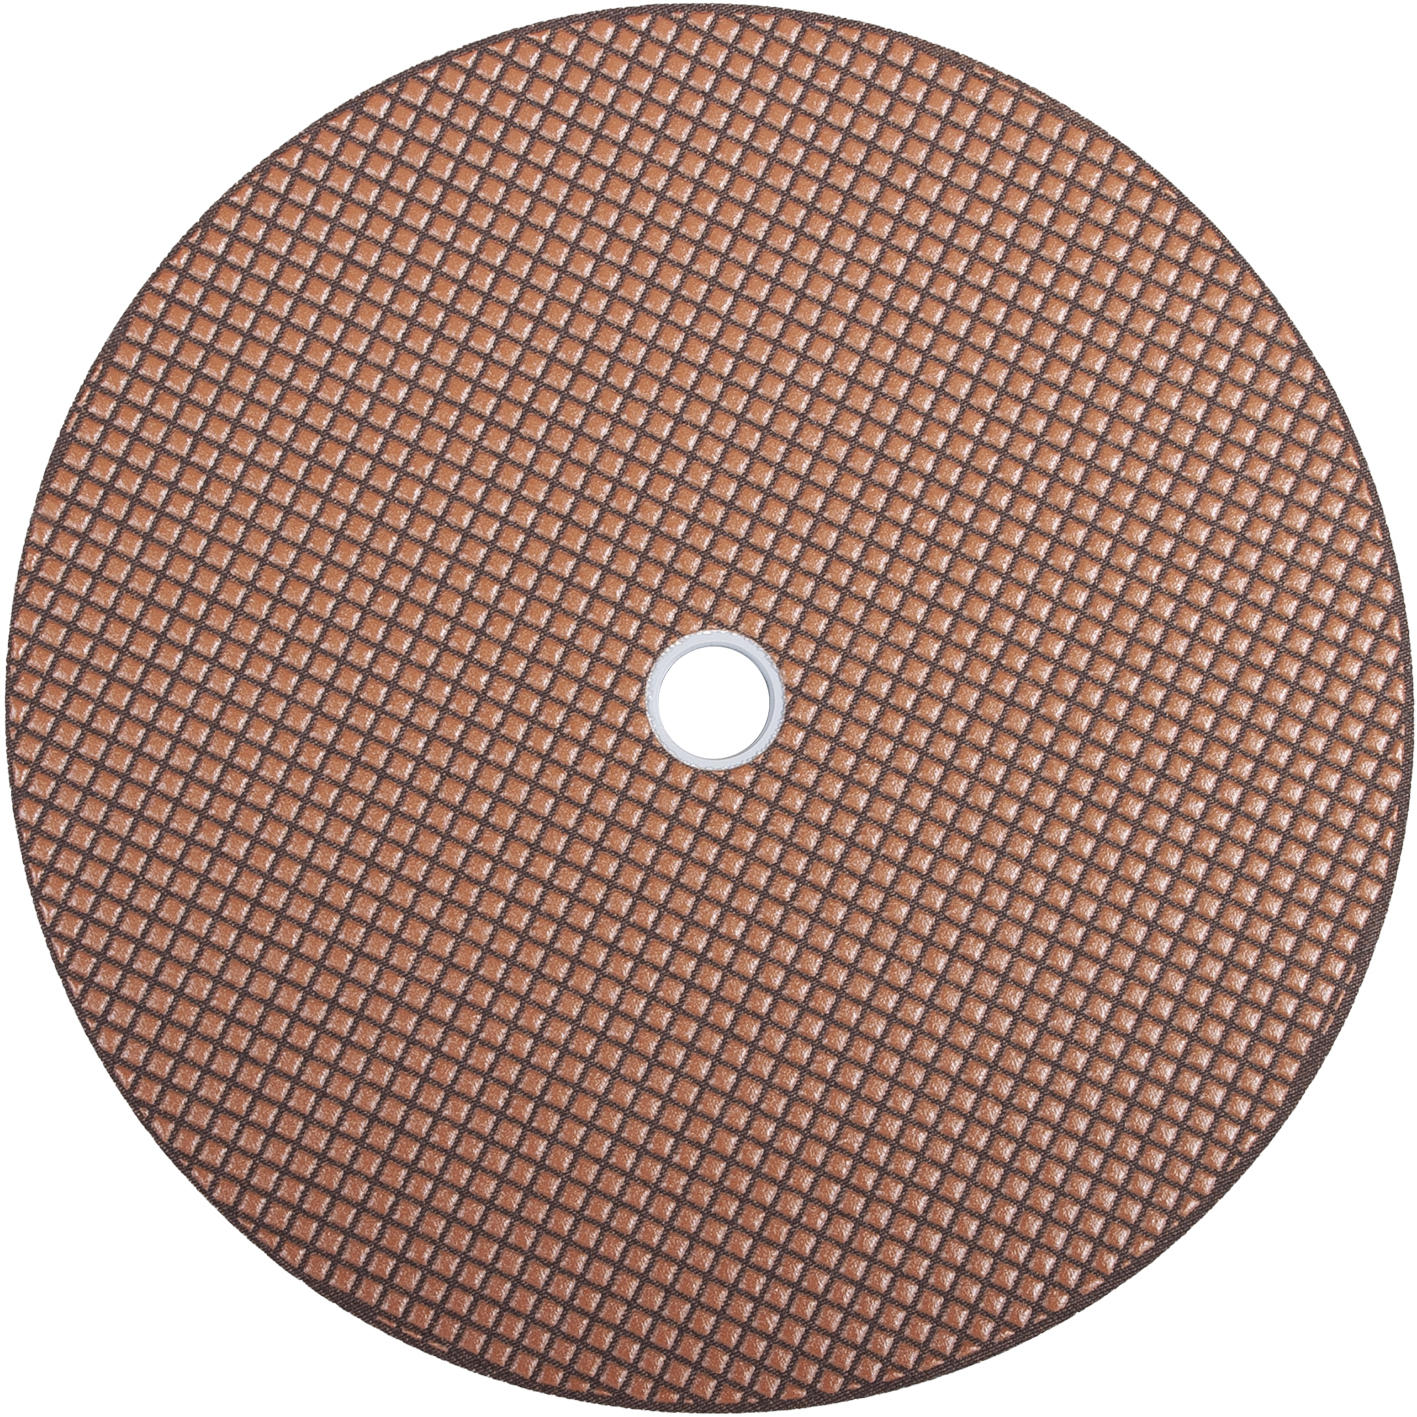 Diamantschleifteller OCTRON ø 250 mm   Klett   Korn 400